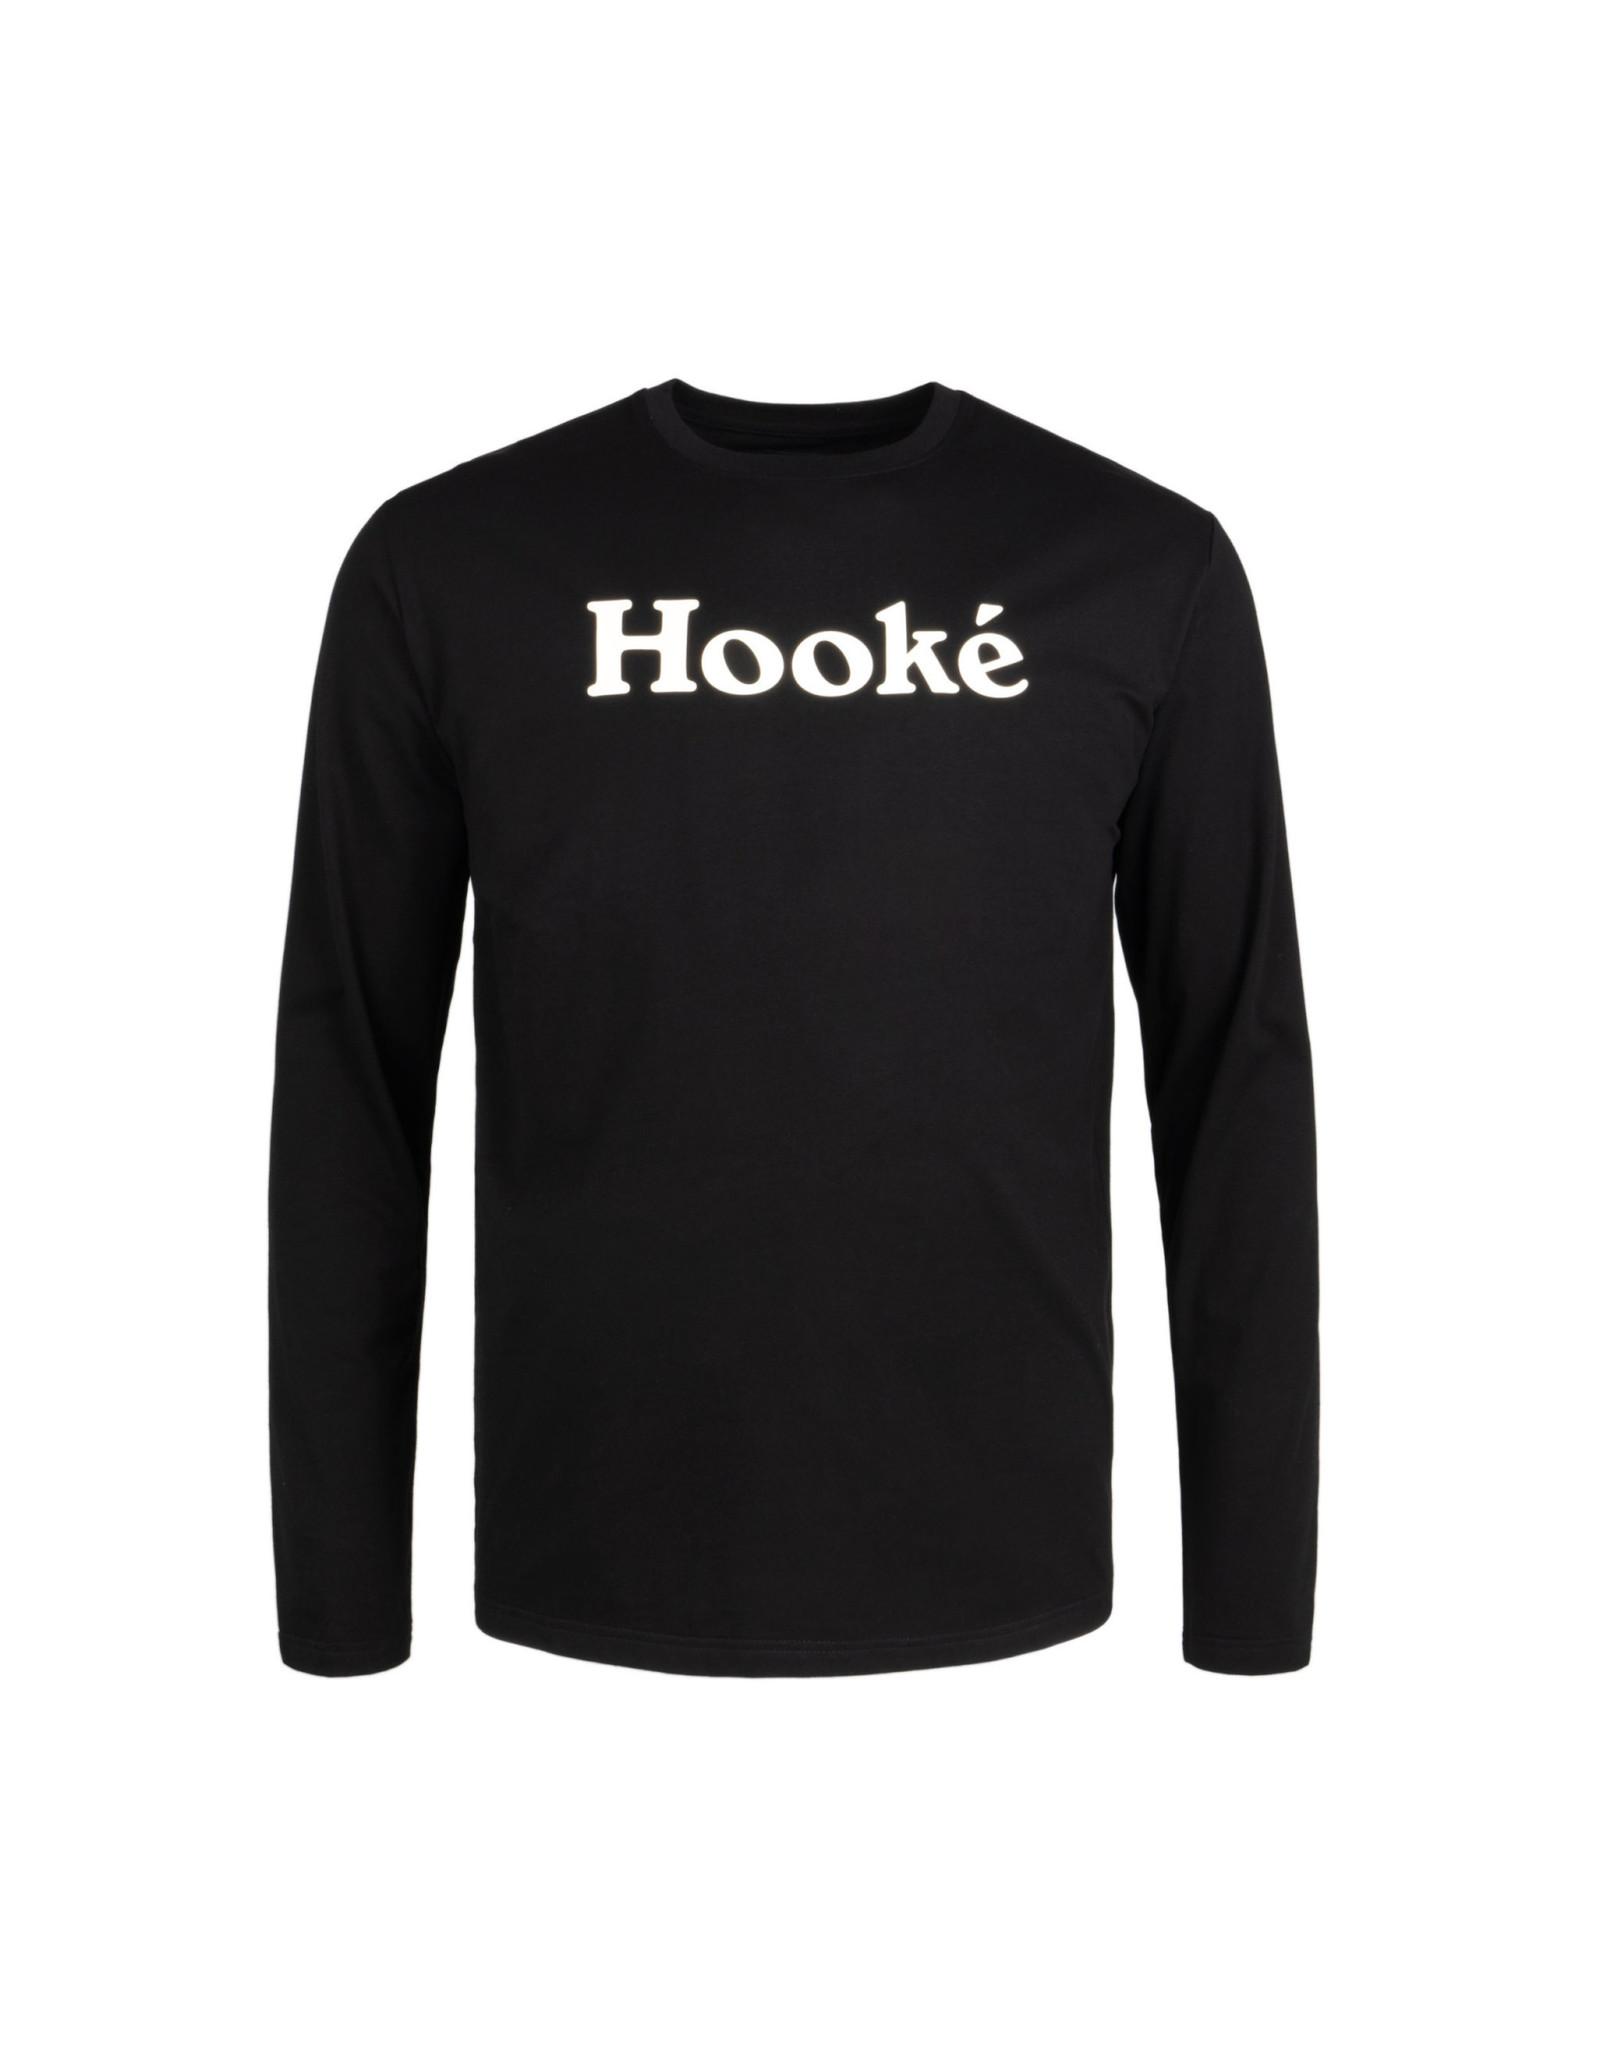 HOOKE Hooke original long sleeve